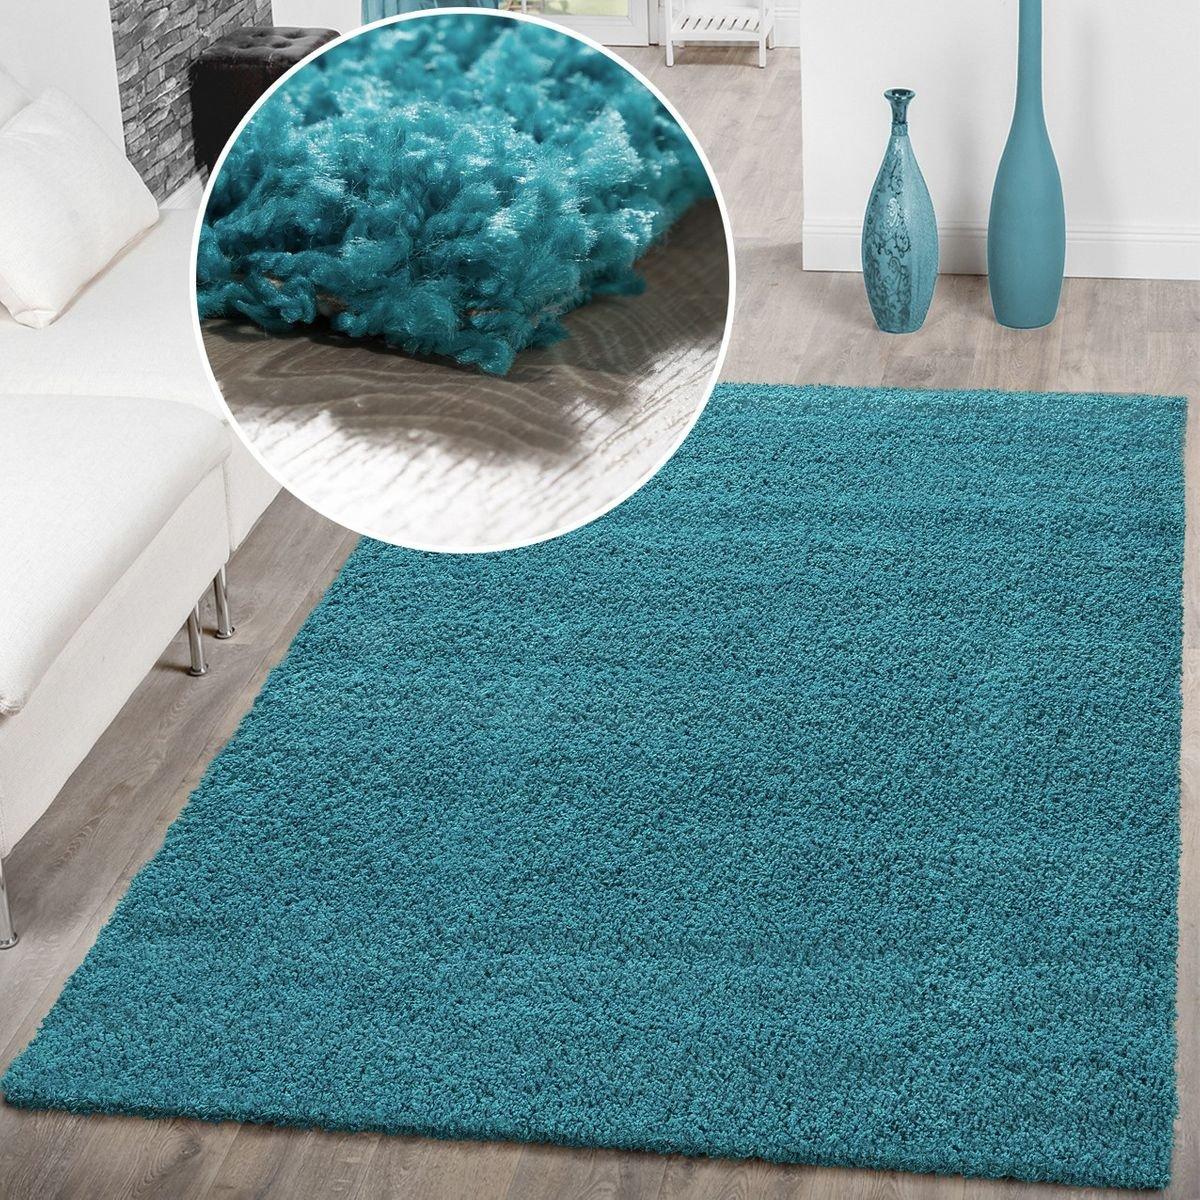 T&T Design Hochflor Shaggy Teppich Preishammer Uni Einfarbig in Türkis Modern, Größe 230x320 cm